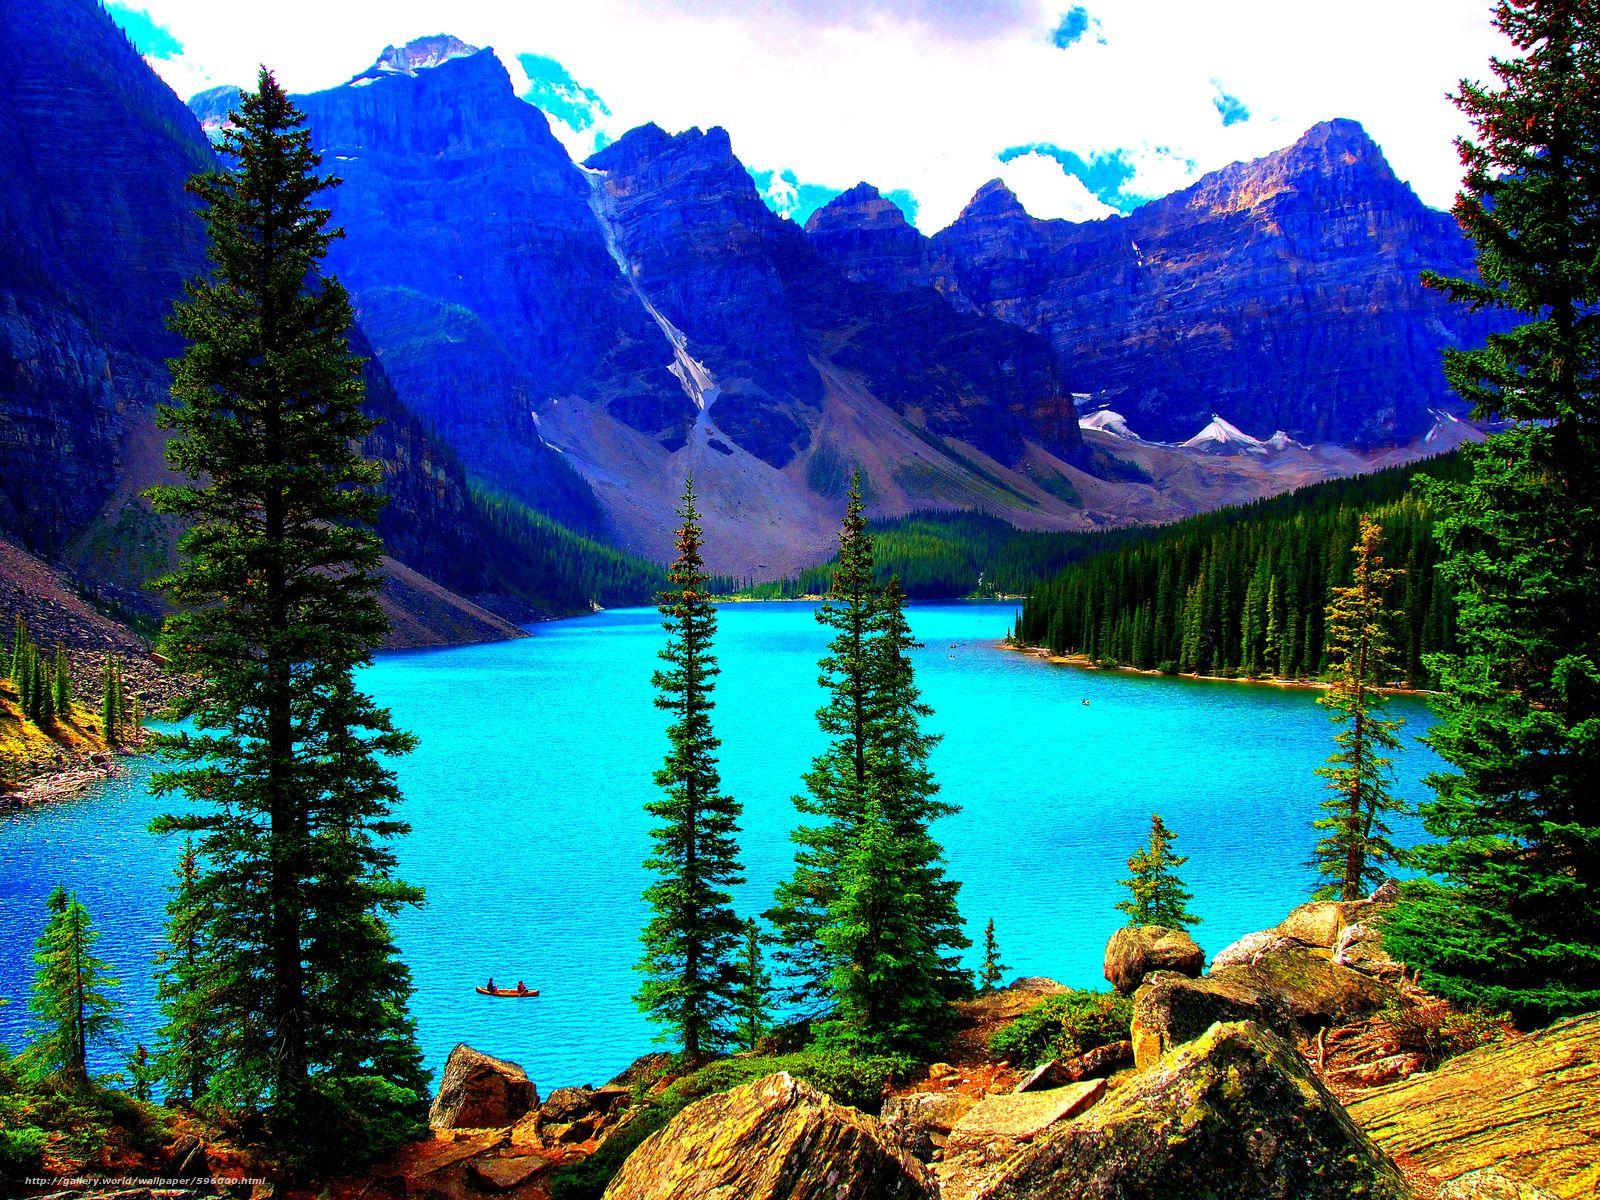 Tlcharger Fond d'ecran Lake Louise,  Alberta,  Canada Fonds d'ecran gratuits pour votre rsolution du bureau 4608x3456 — image №596000